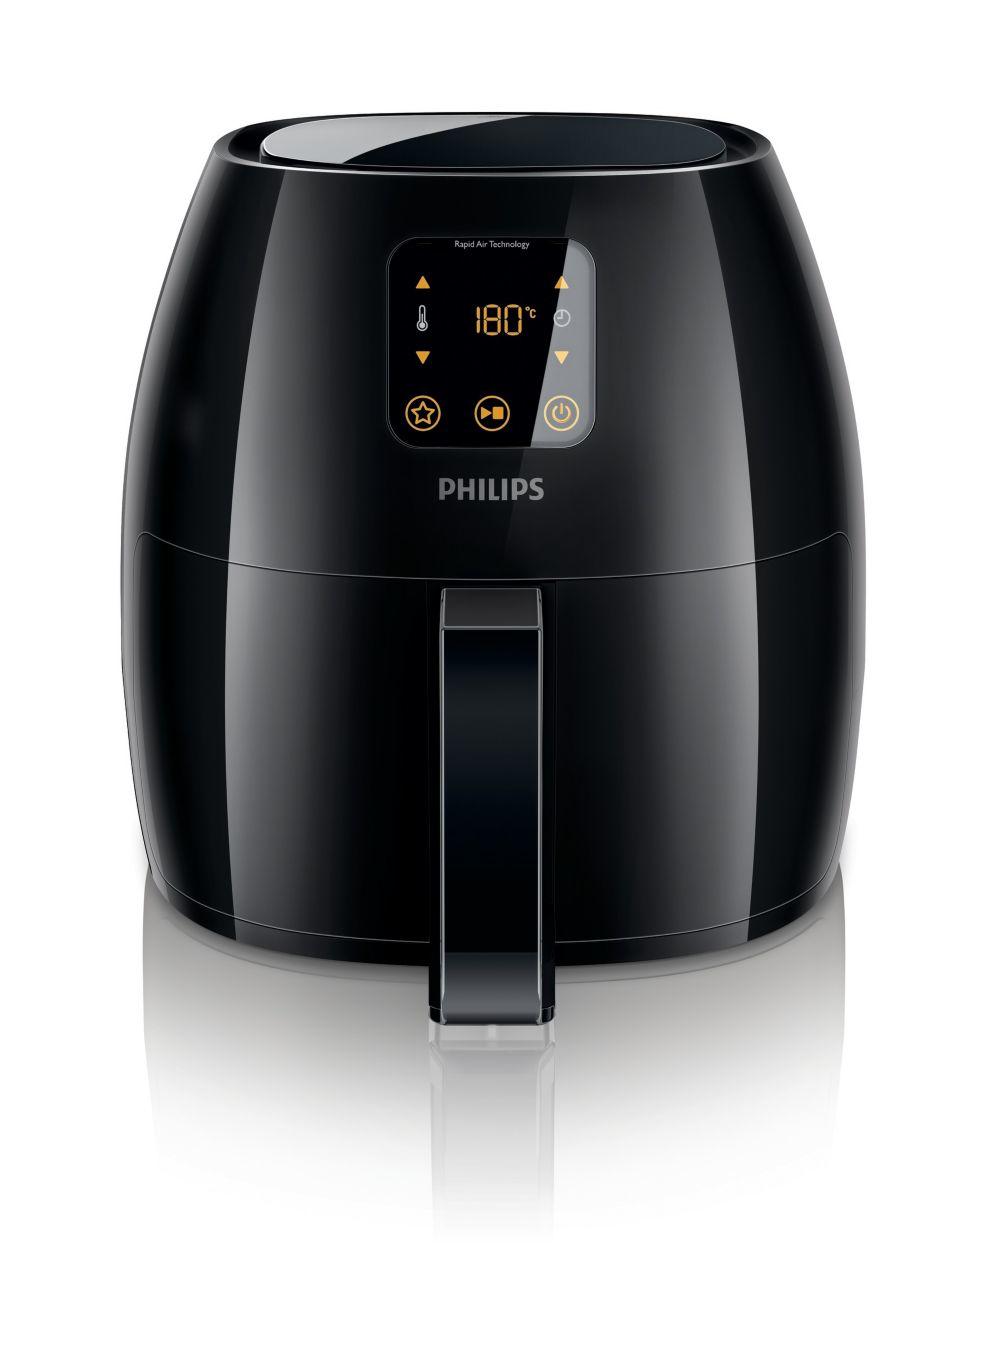 Philips Avance Collection Airfryer XL für 209,00 Euro